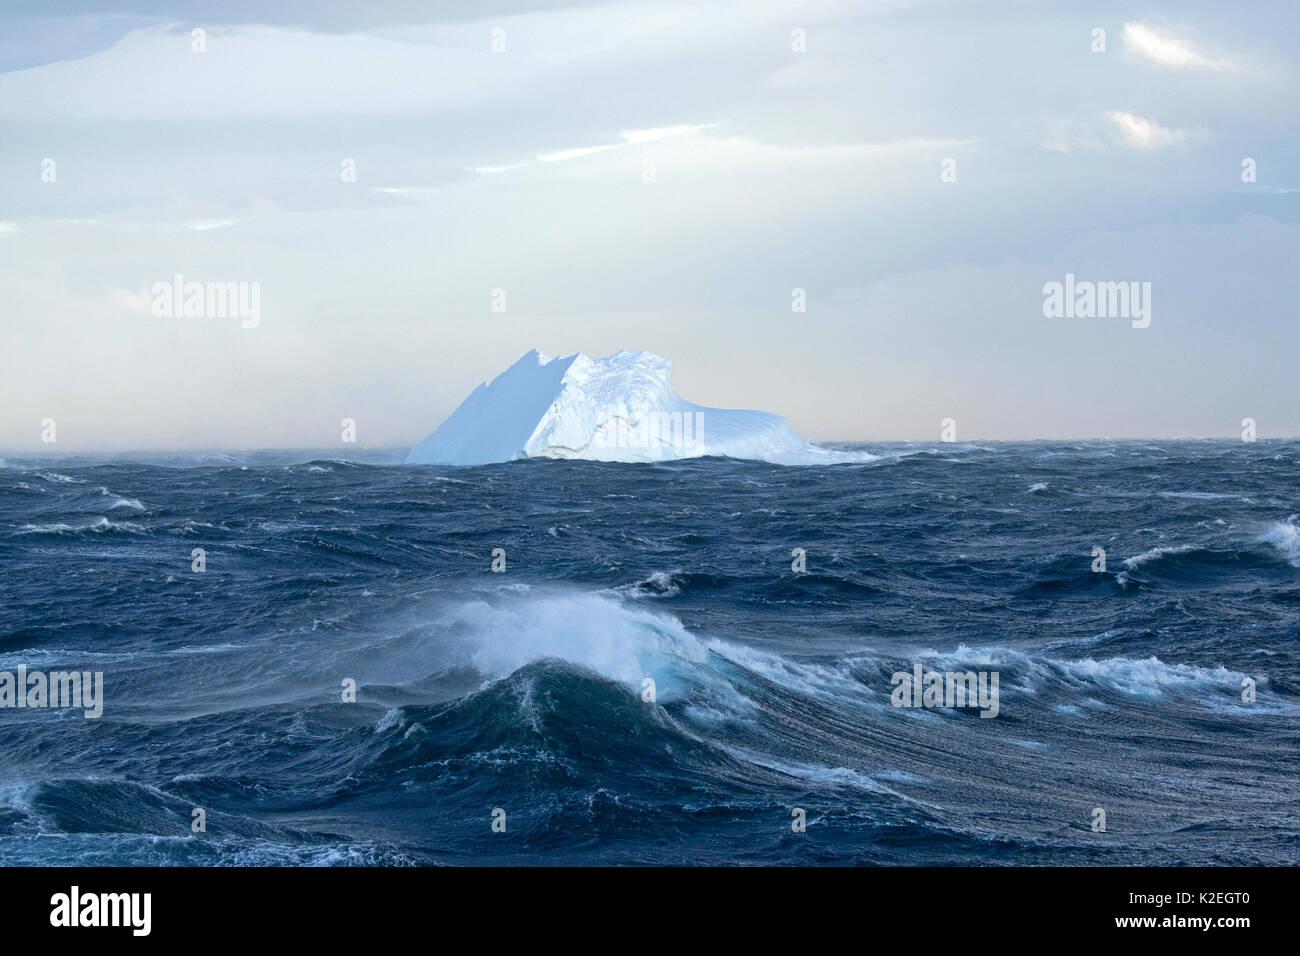 Iceberg nel mare mosso, Bransfield Strait, Penisola Antartica, Antartide. Dicembre 2015. Foto Stock